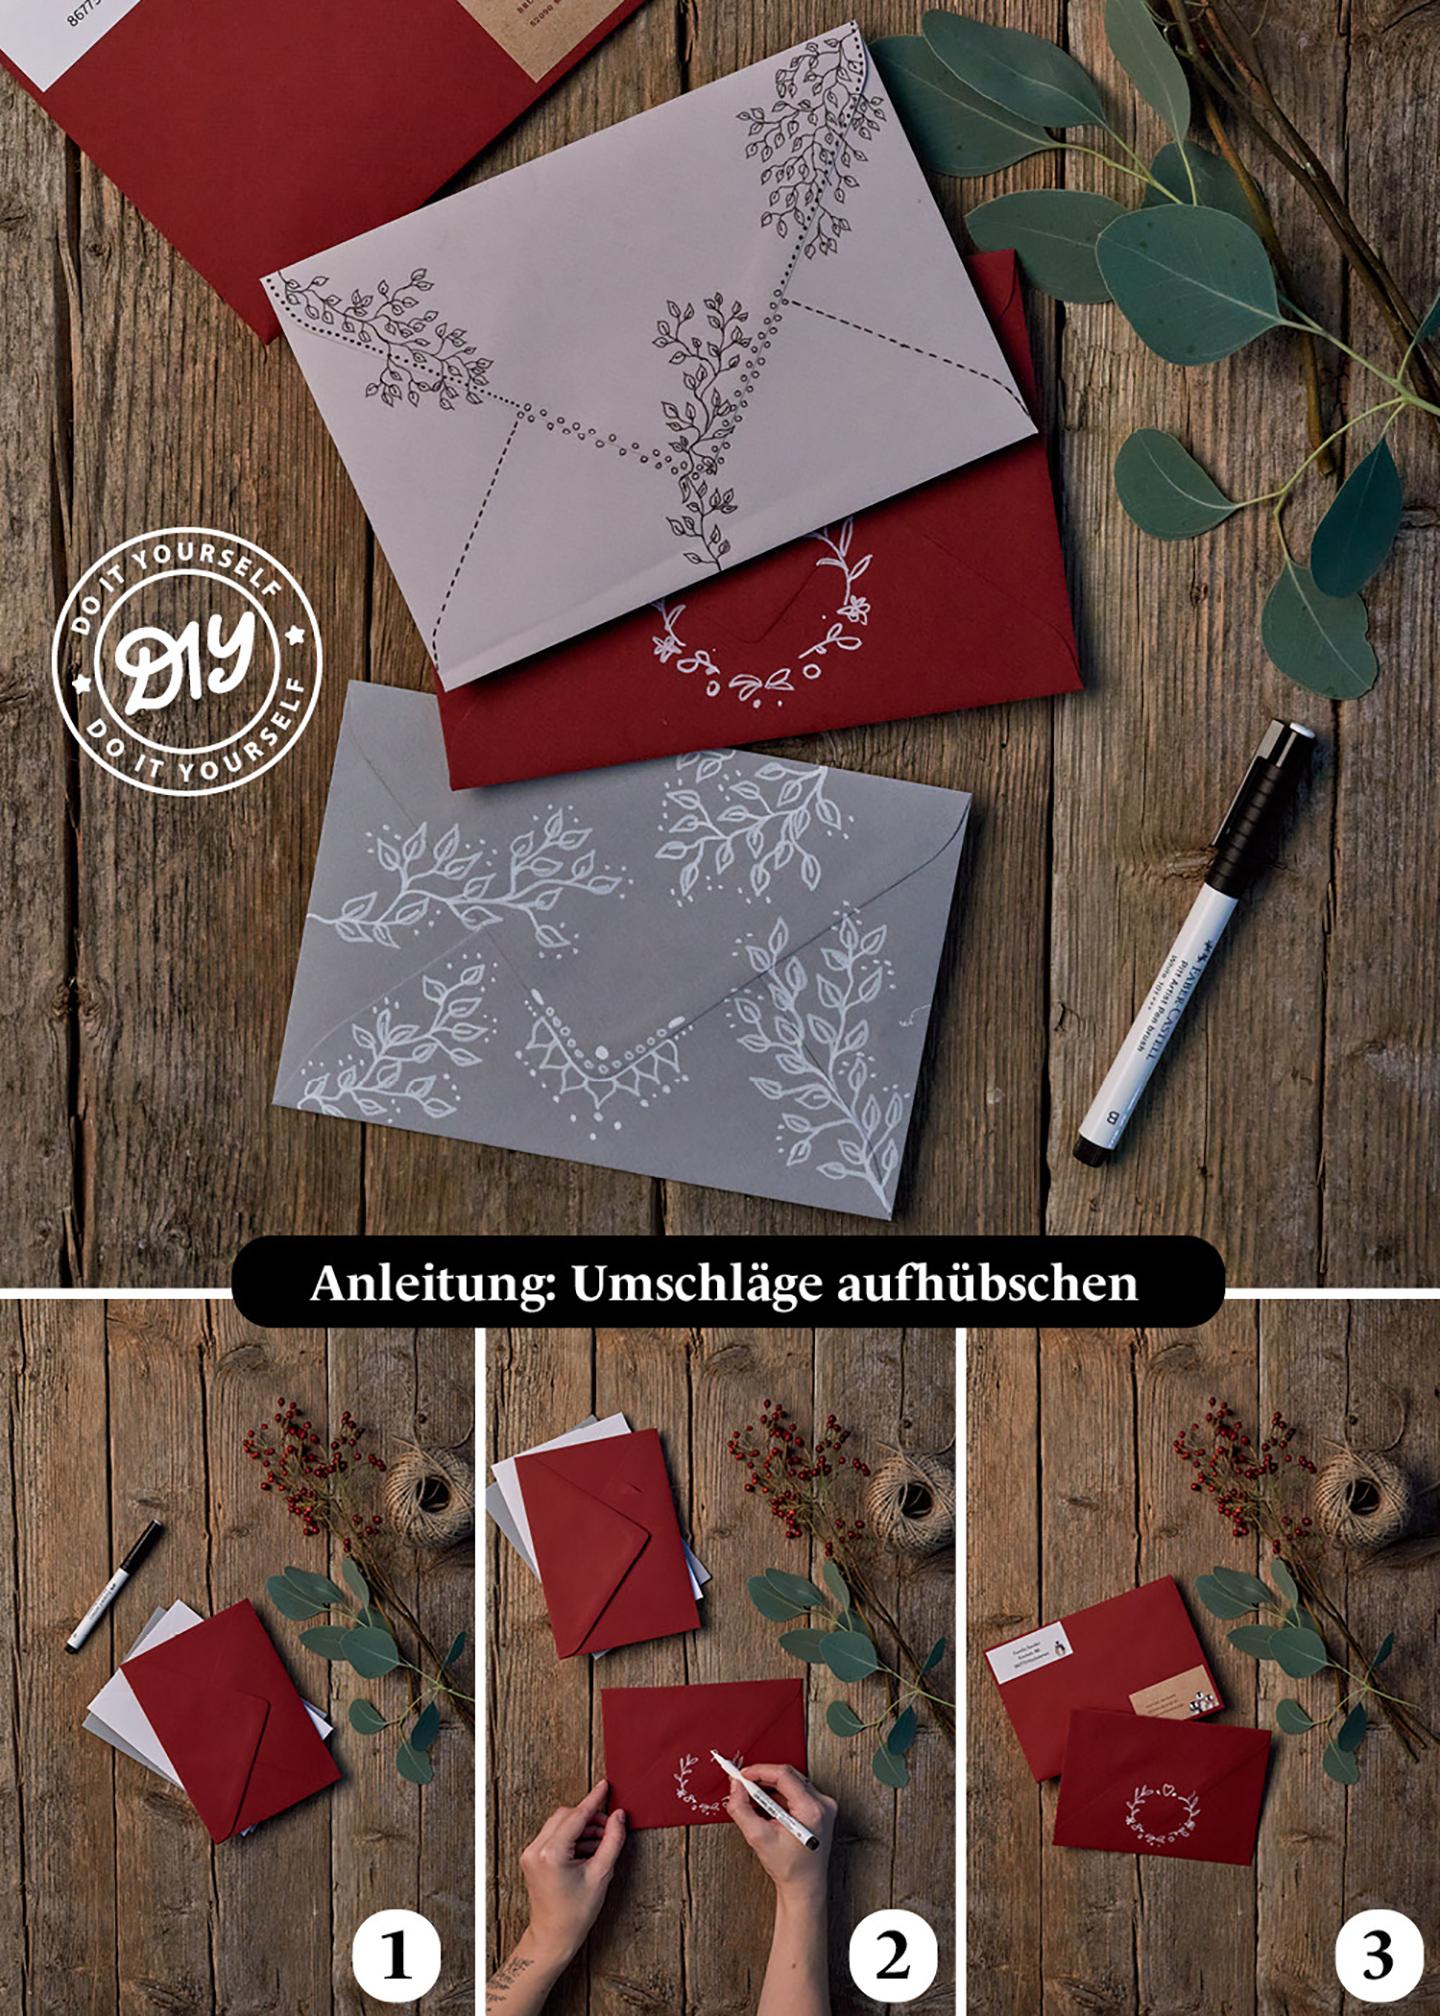 Gestaltung von Umschlägen für Weihnachtskarten oder Gutscheine zum Verschicken einfach erklärt.